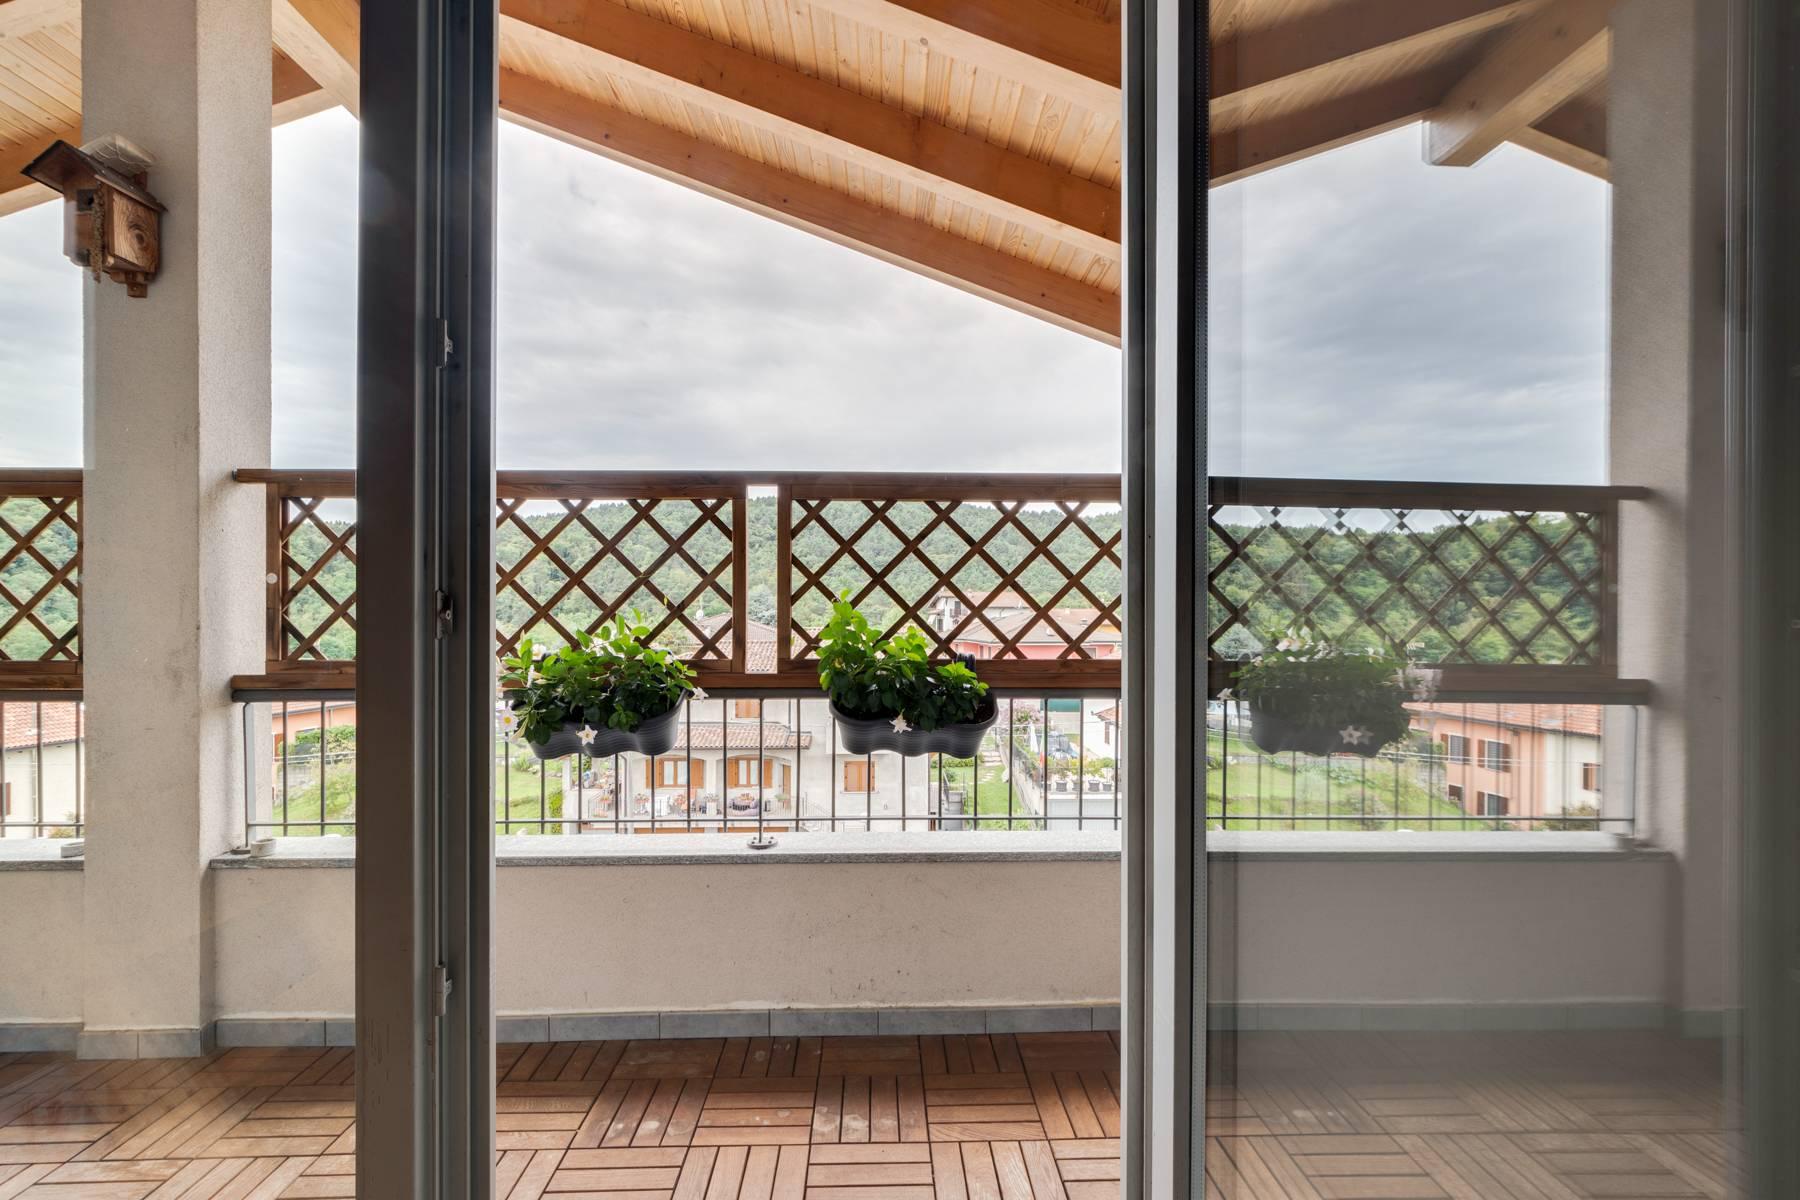 Attico in Vendita a Borgo Ticino: 5 locali, 160 mq - Foto 6